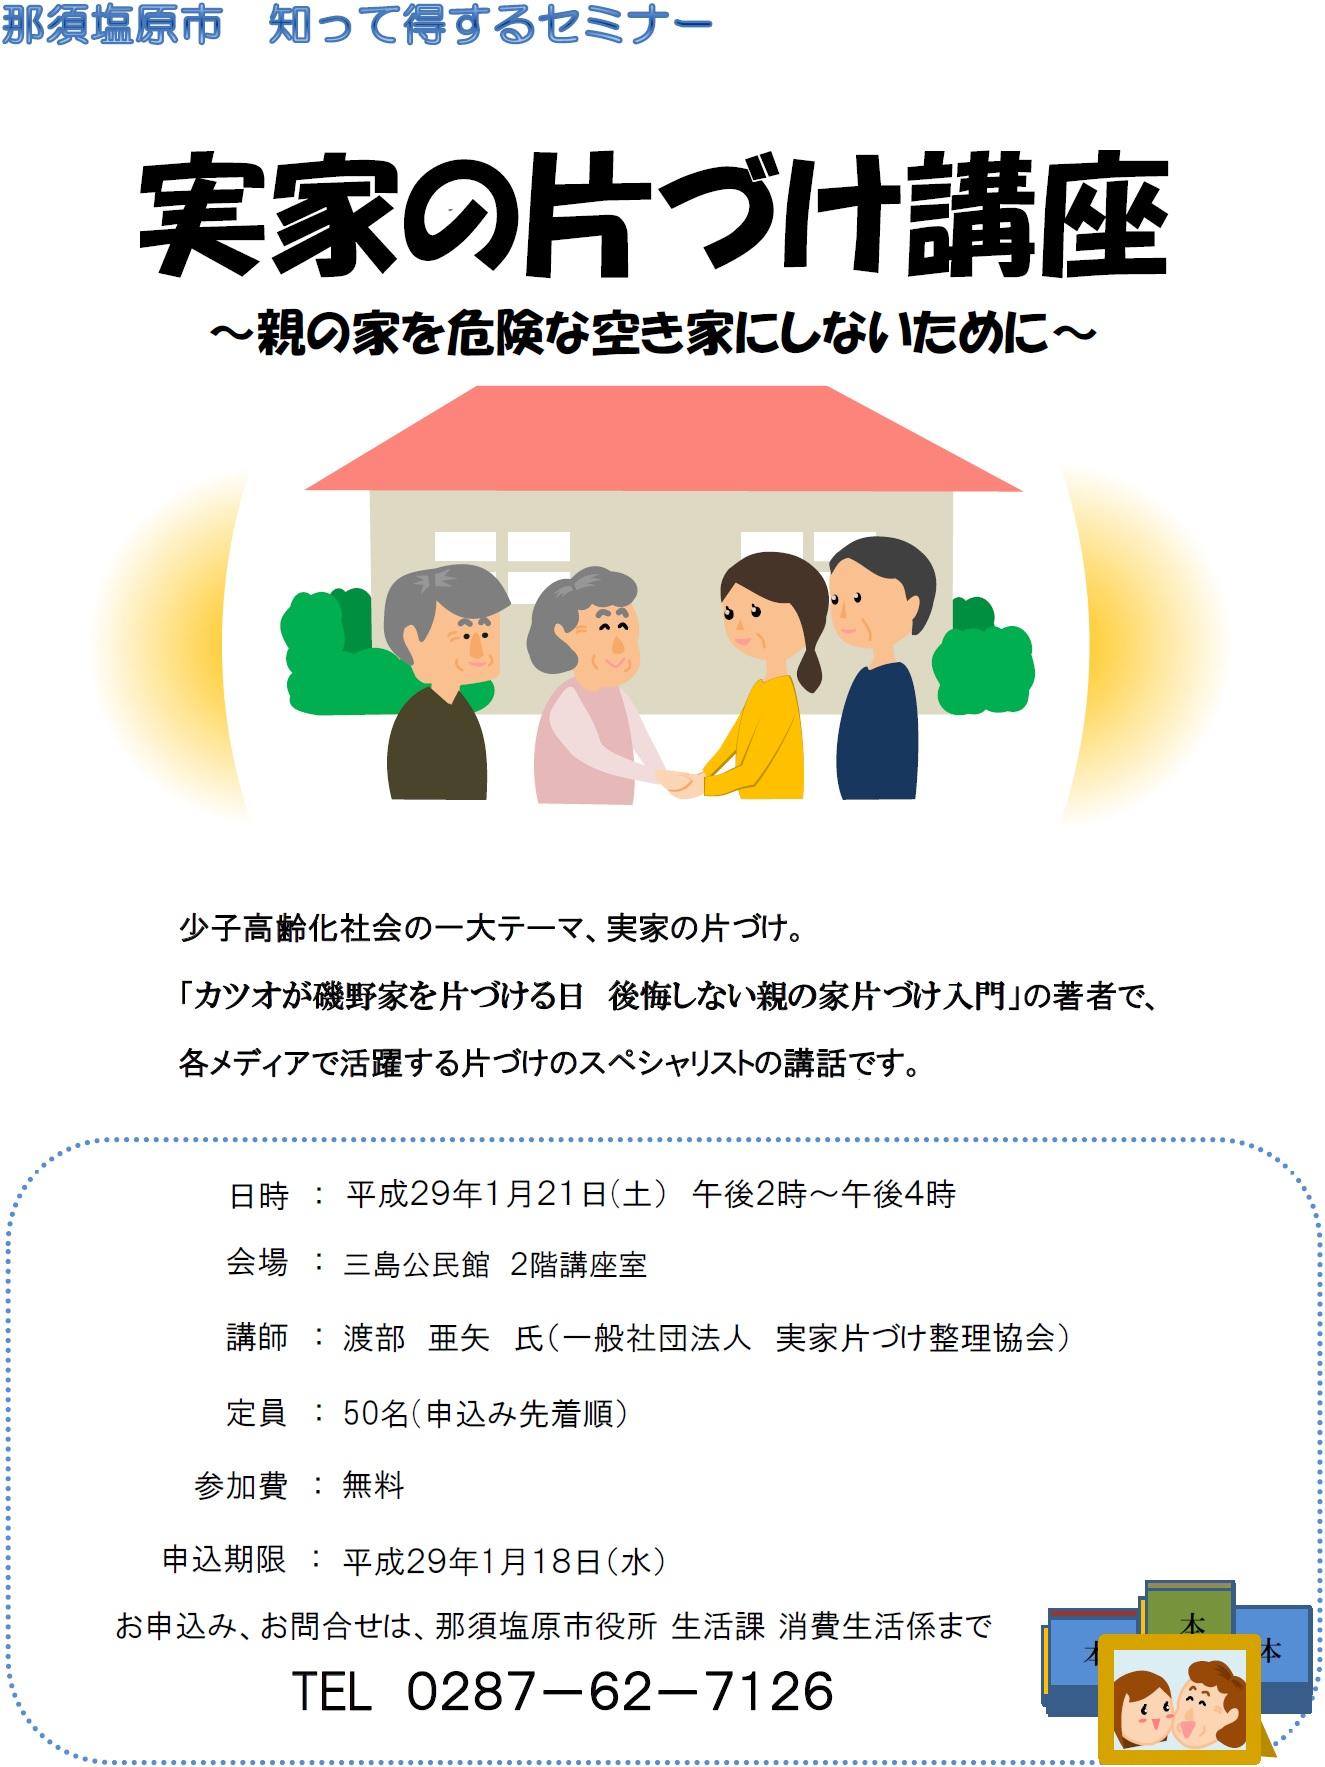 【栃木】実家の片づけ講座 親の家を危険な空き家にしないために|那須塩原市消費生活センター